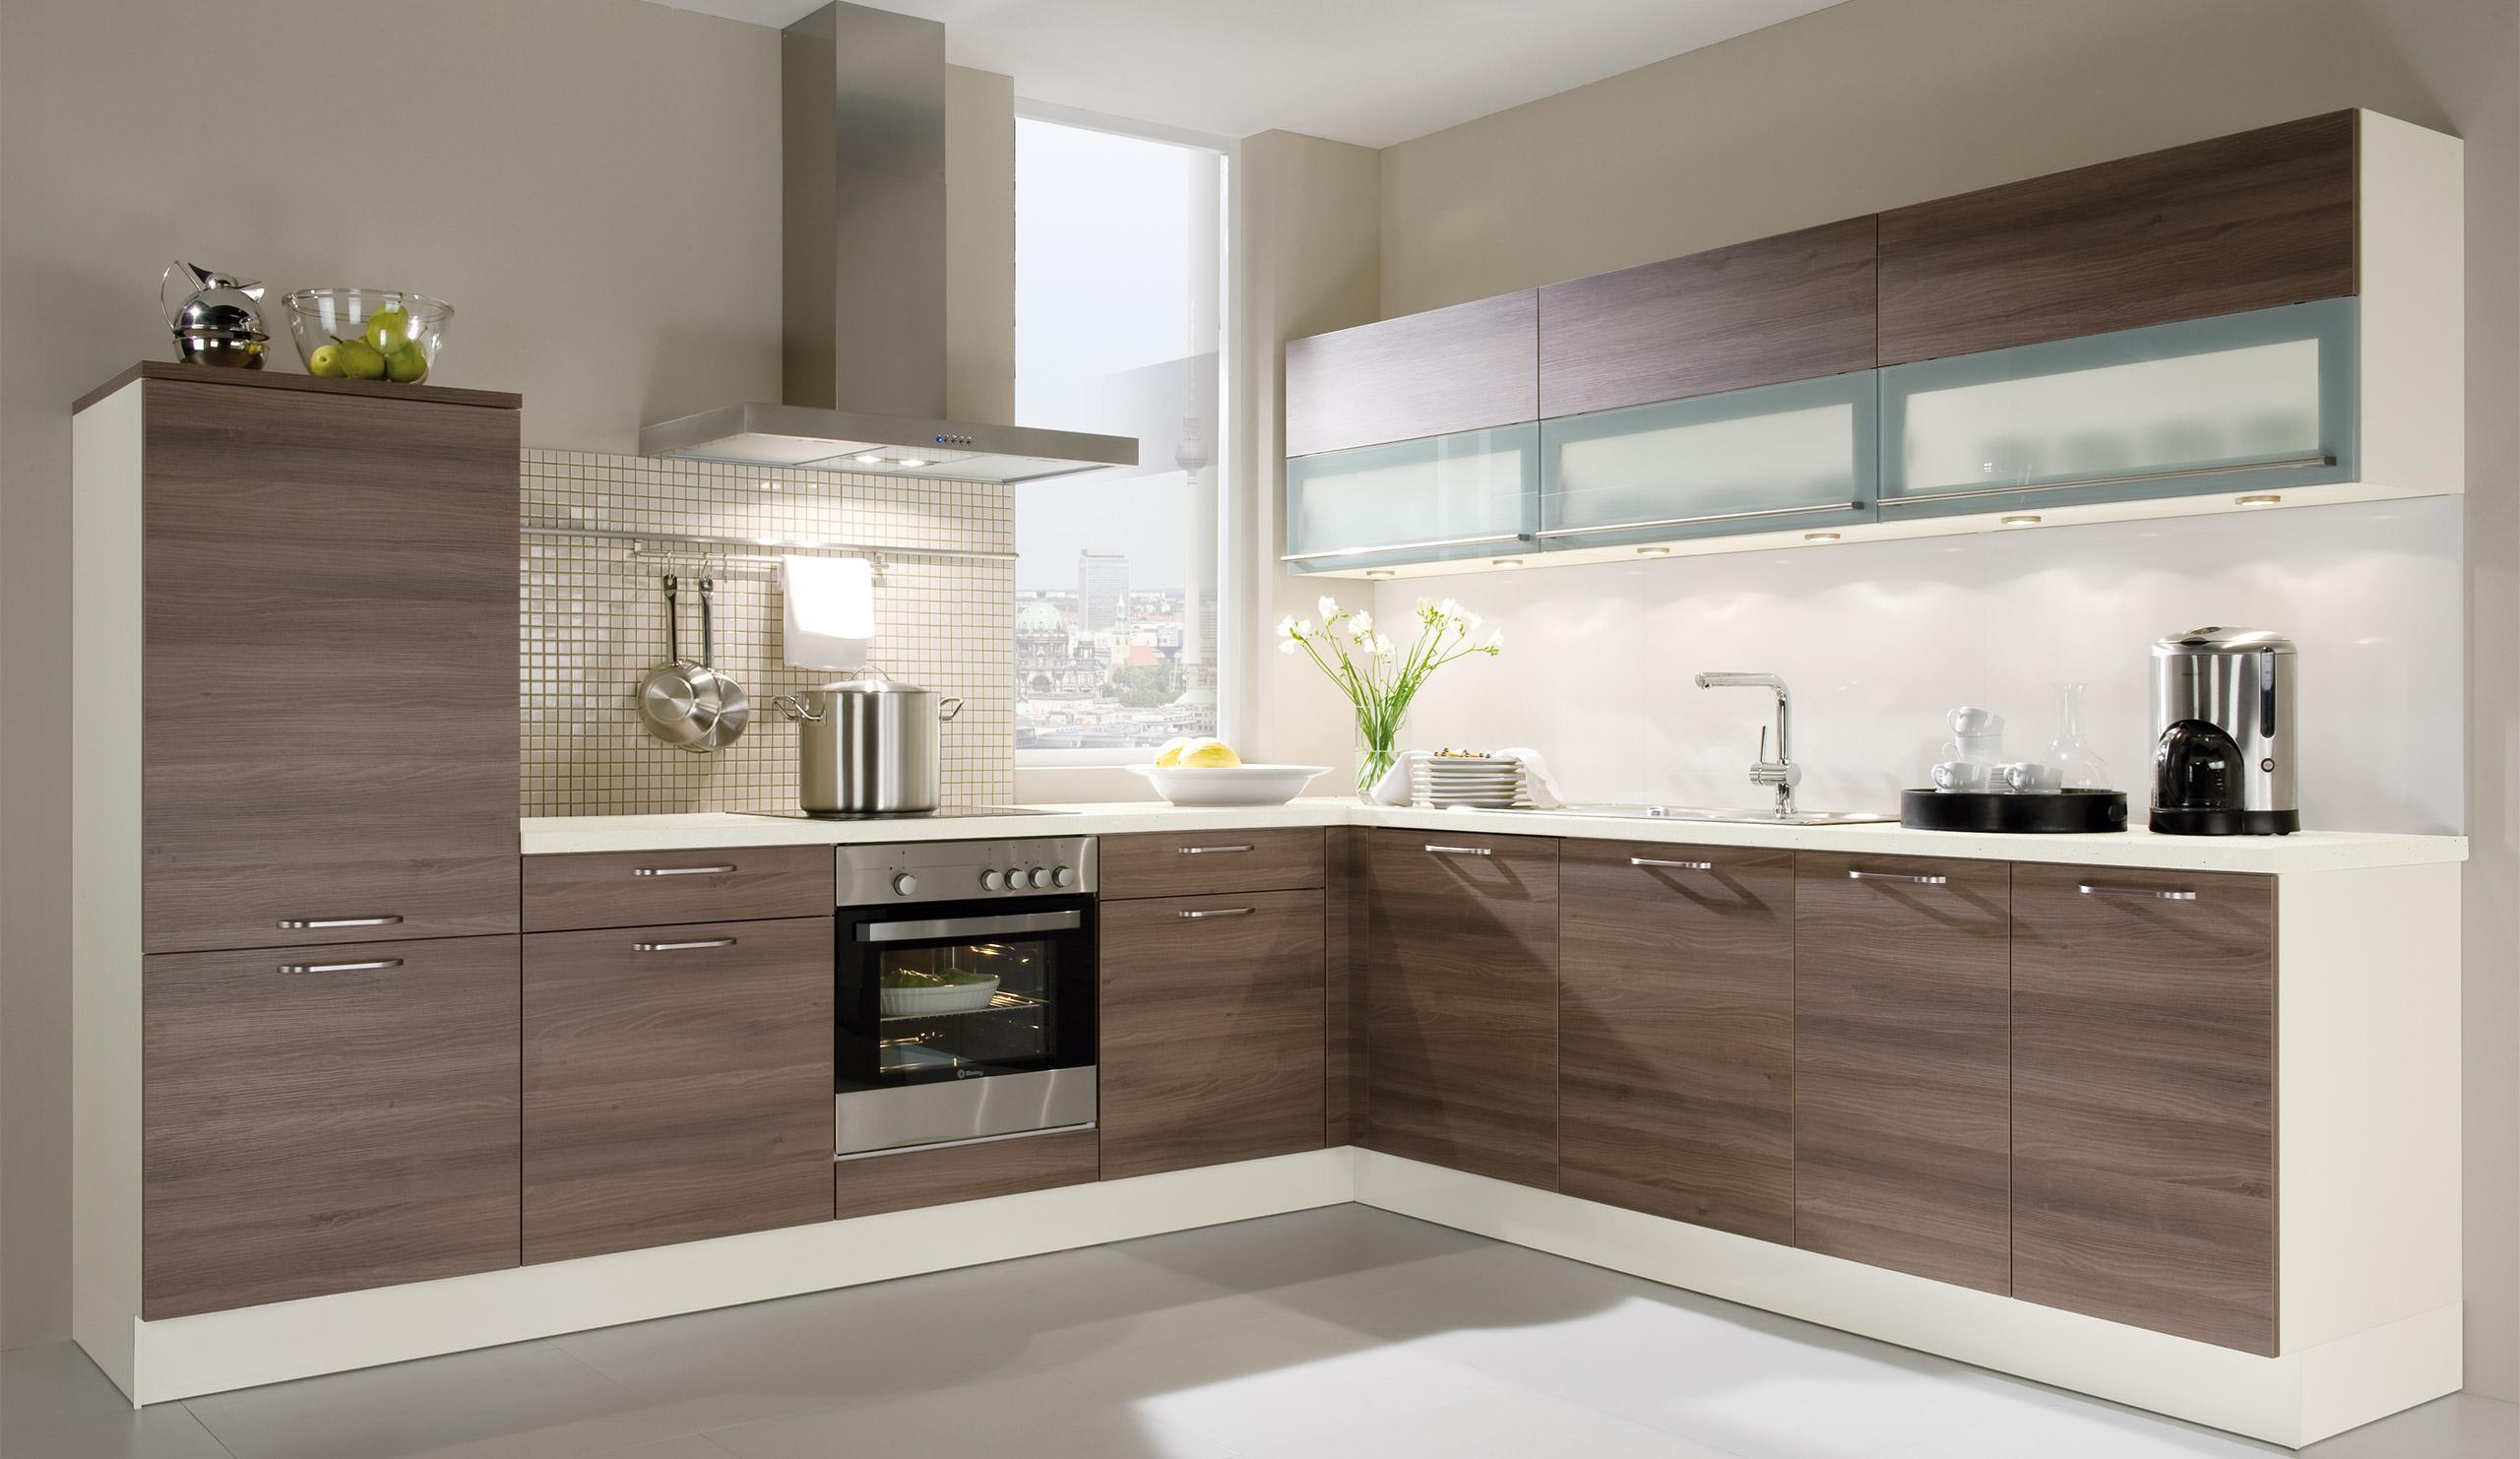 dienstleistungen fs k chen. Black Bedroom Furniture Sets. Home Design Ideas